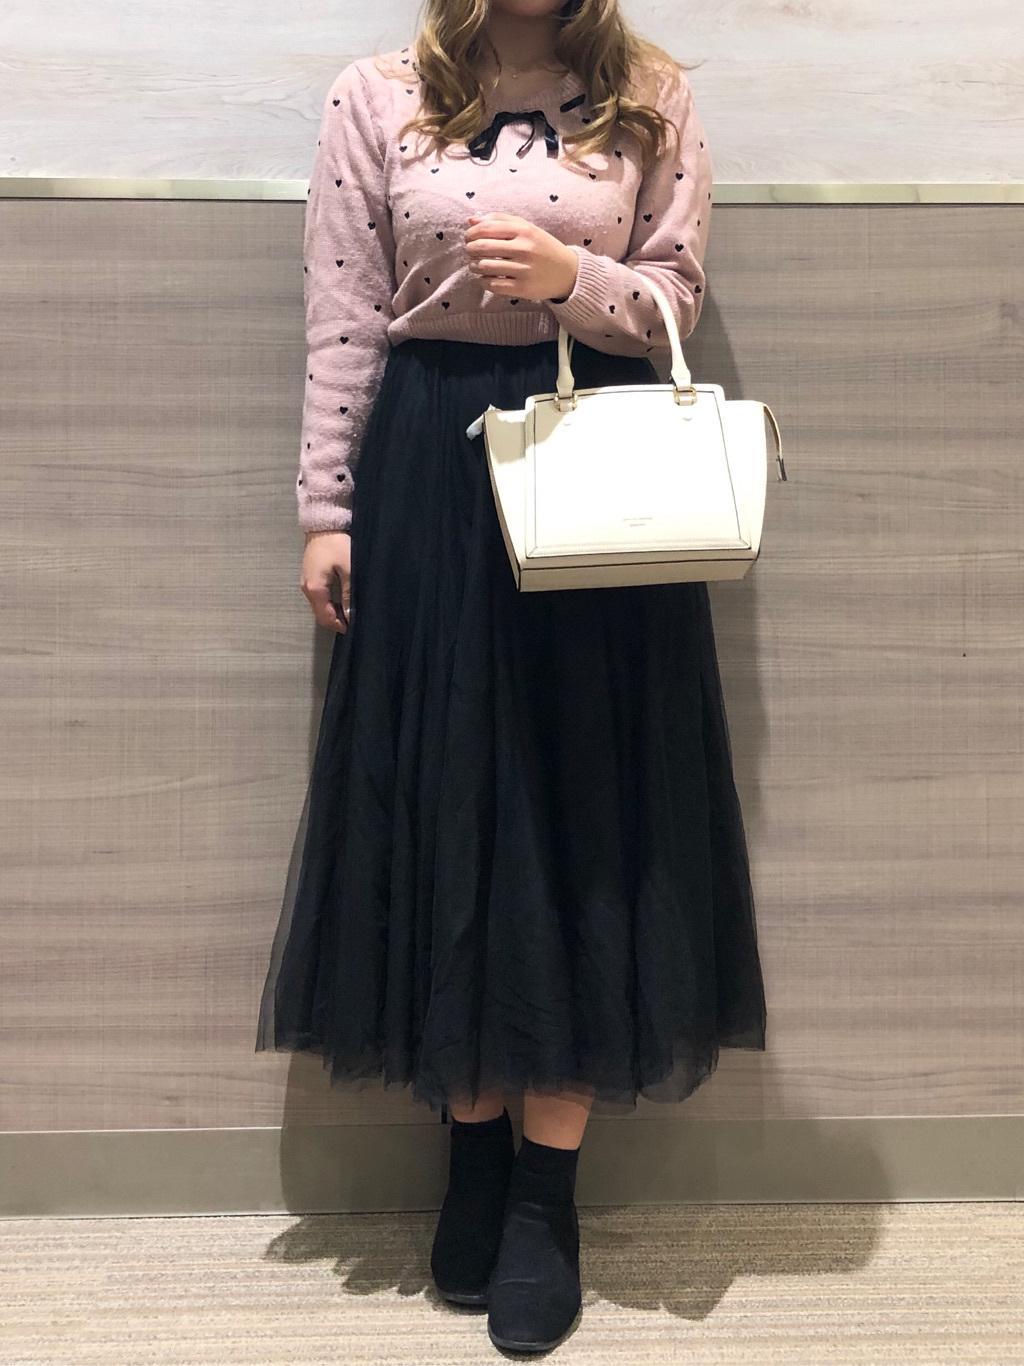 & シュエットギャラリー 四条畷店 asuka